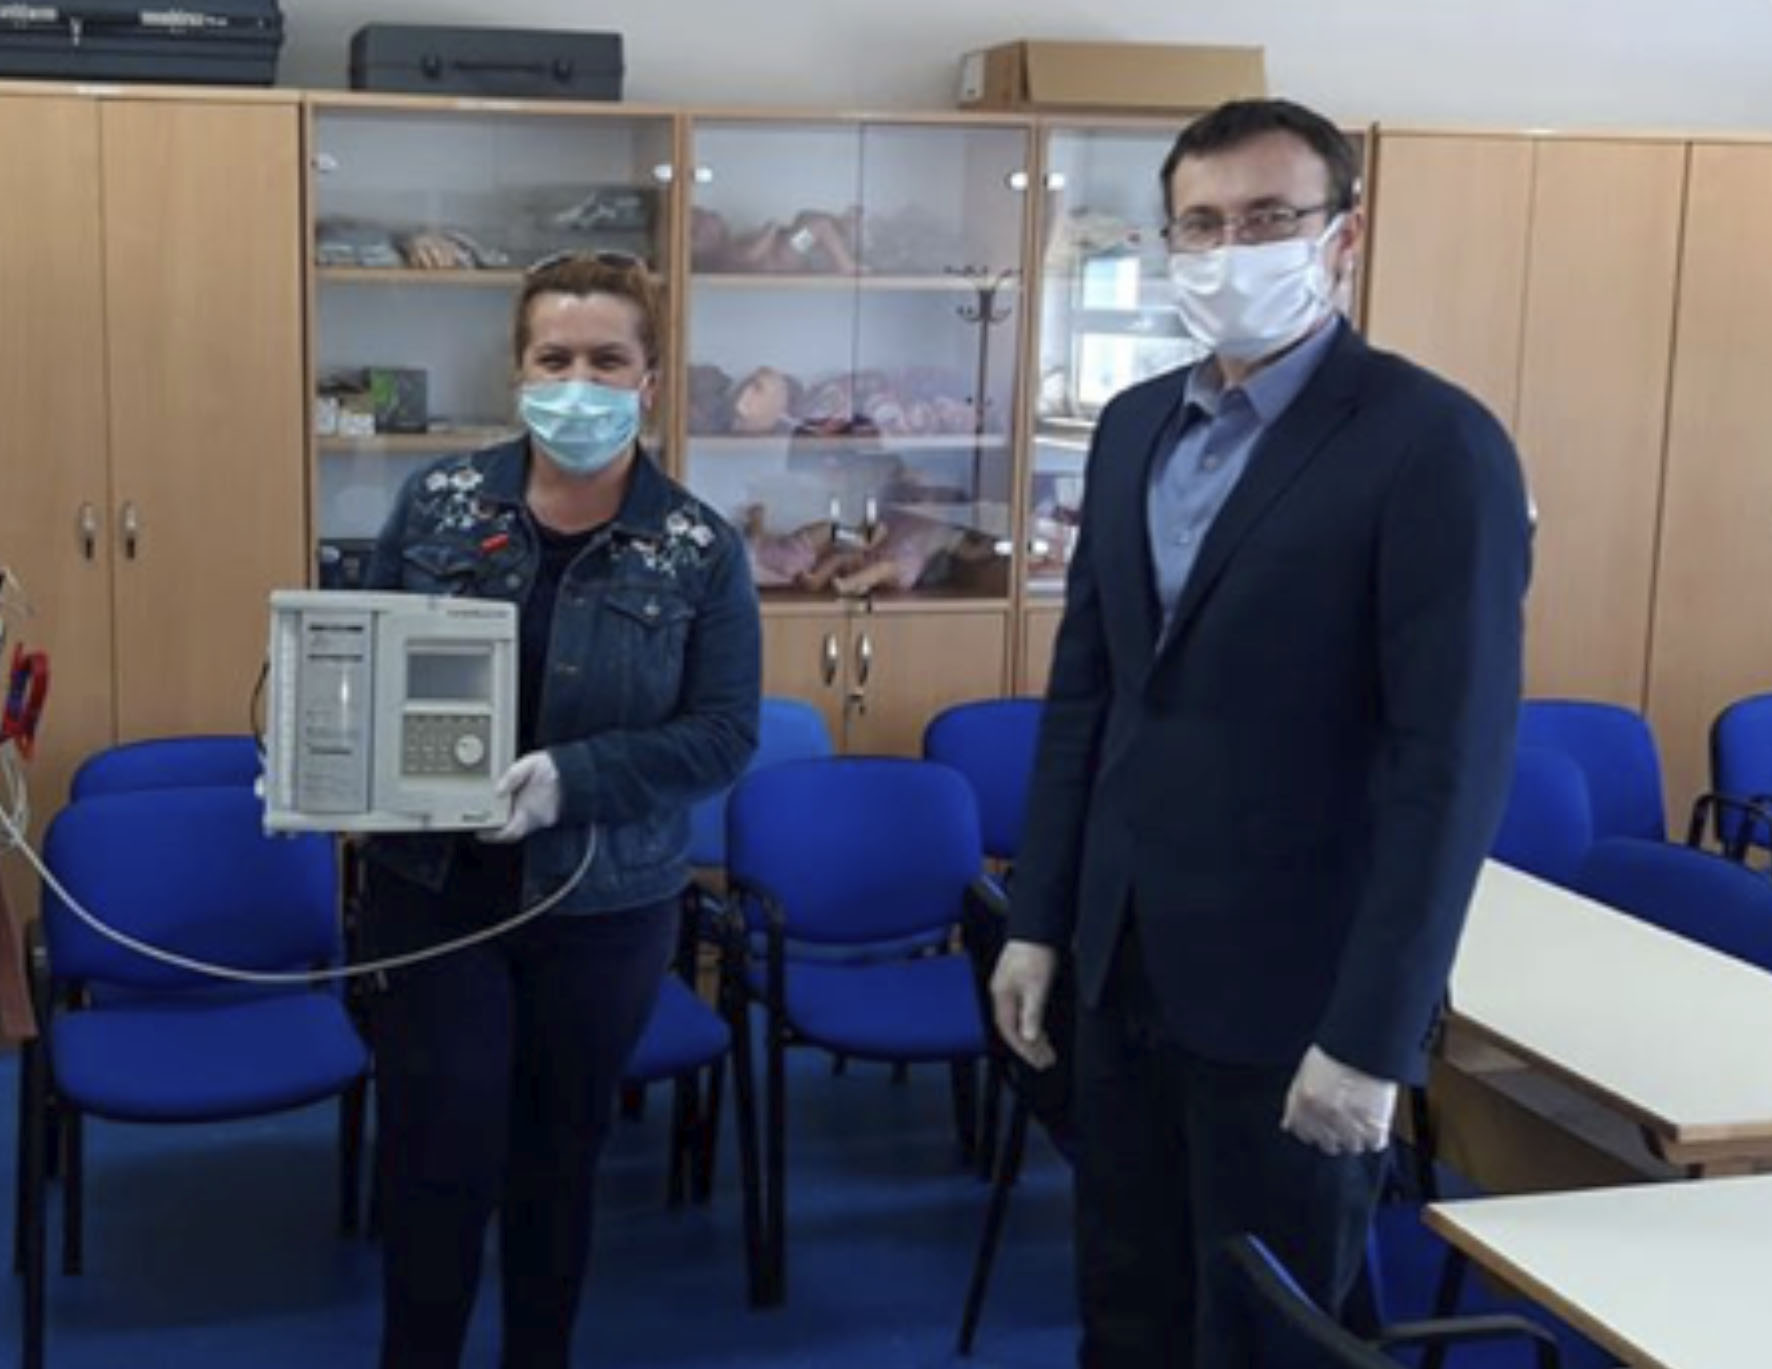 Fakultet zdravstvenih studija u borbi protiv koronavirusa